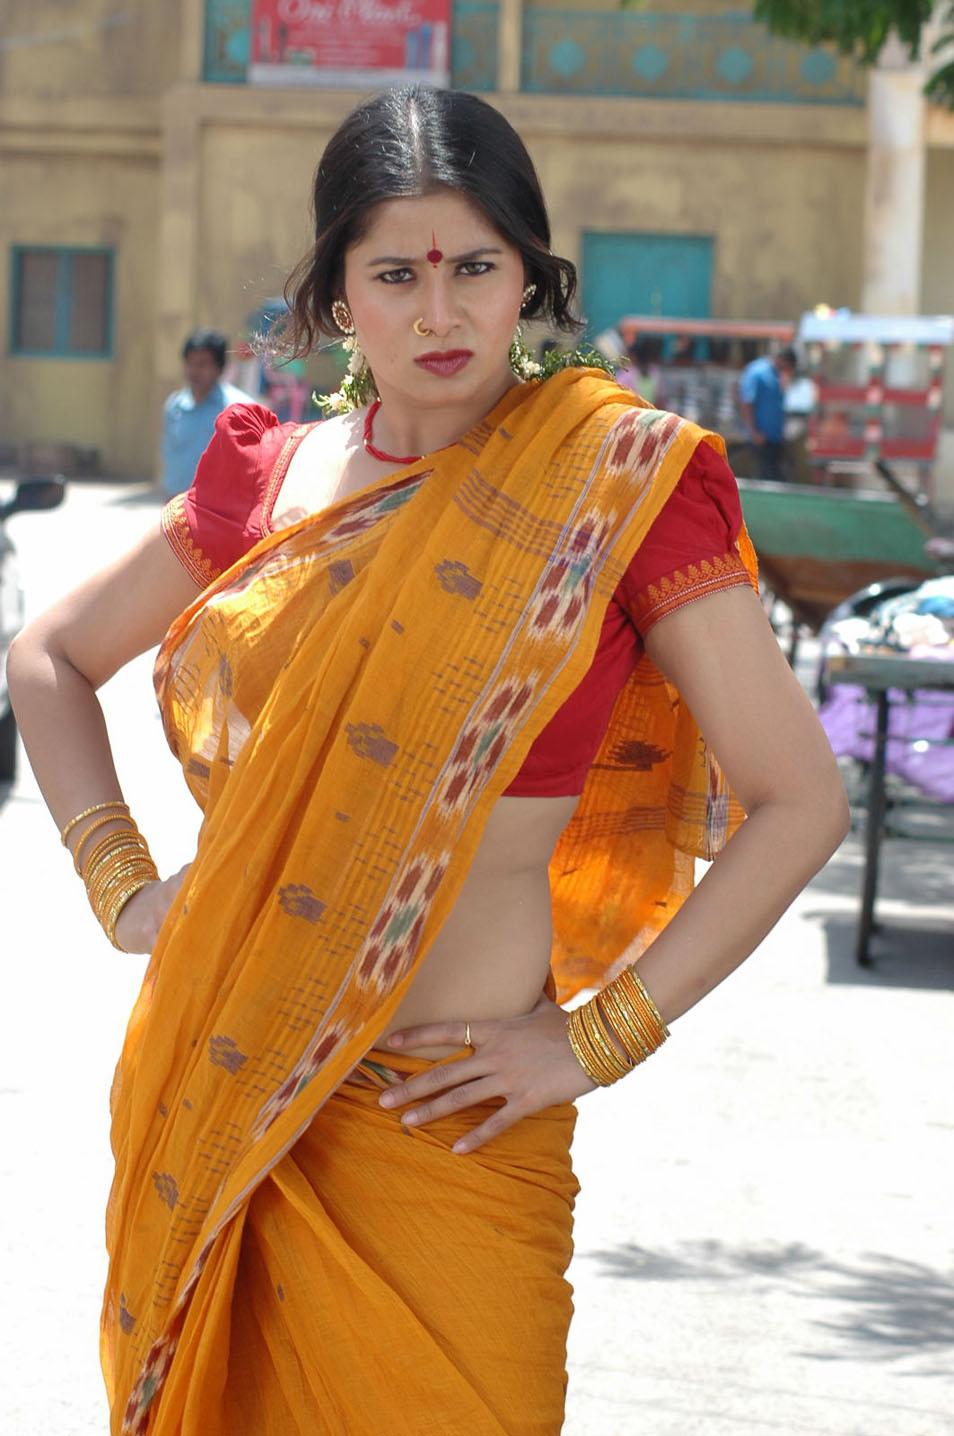 Indian nud teen nud girl image gallary naked galleries